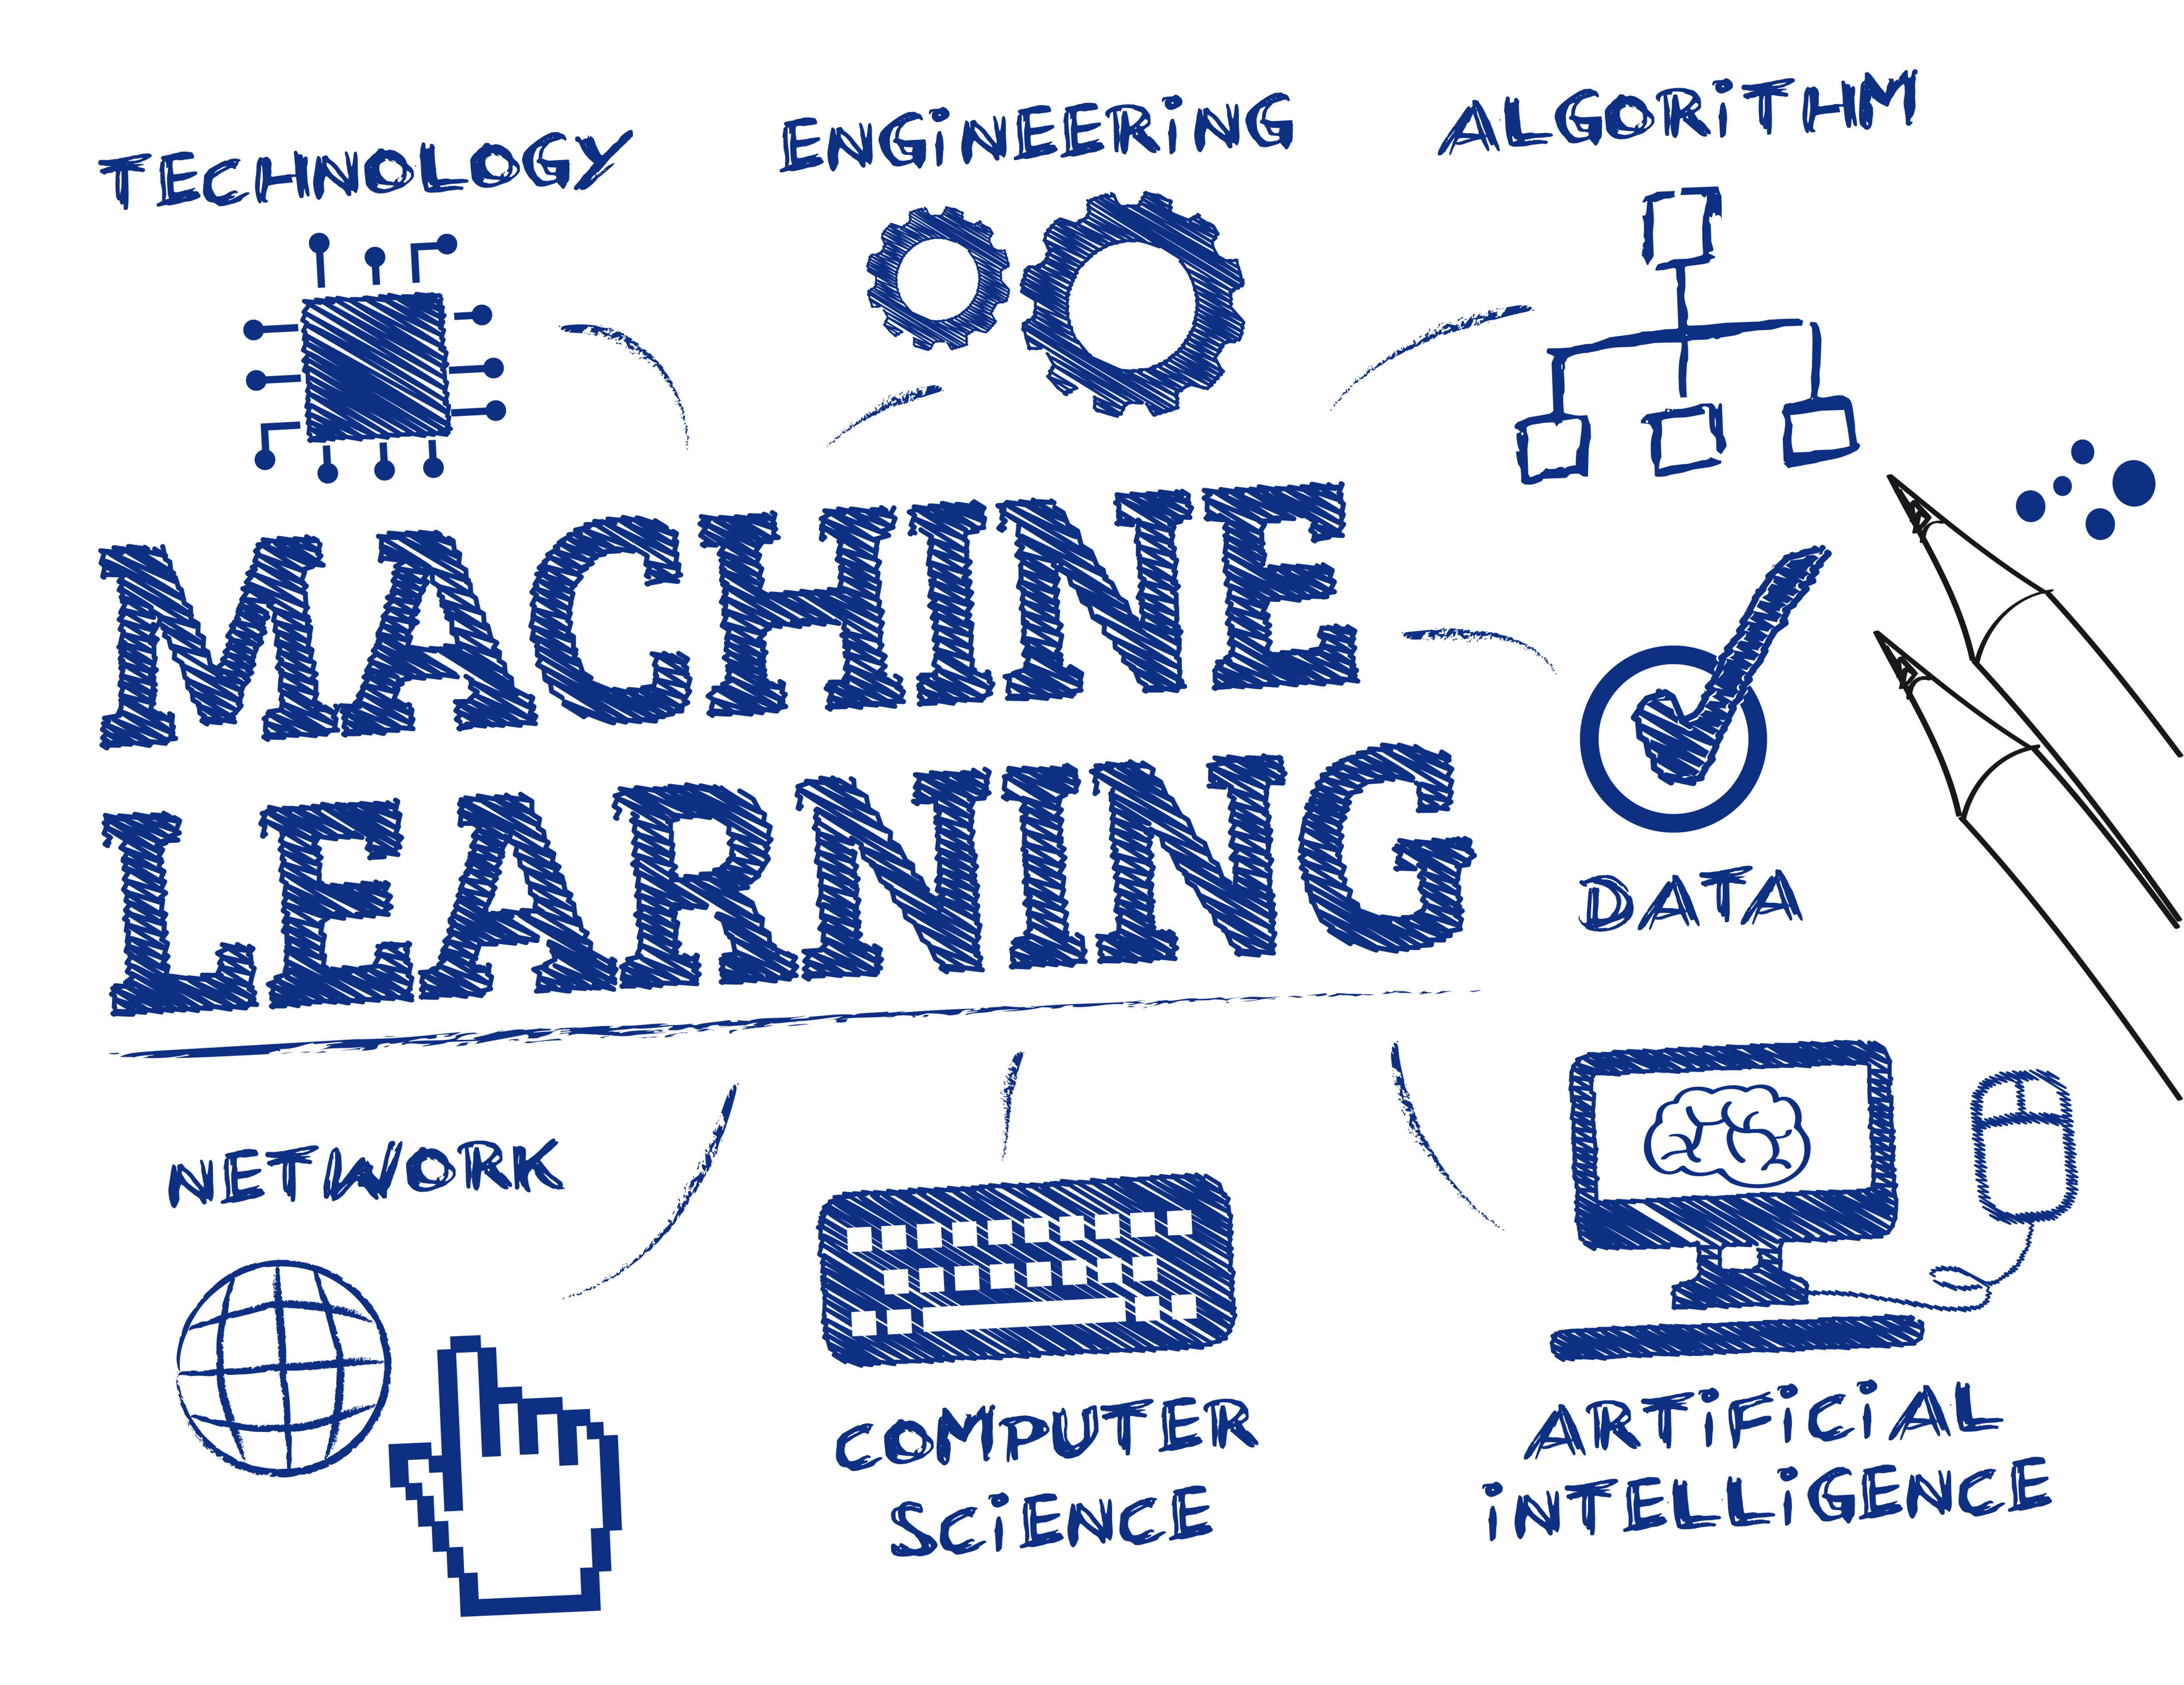 機械学習のイメージ画像